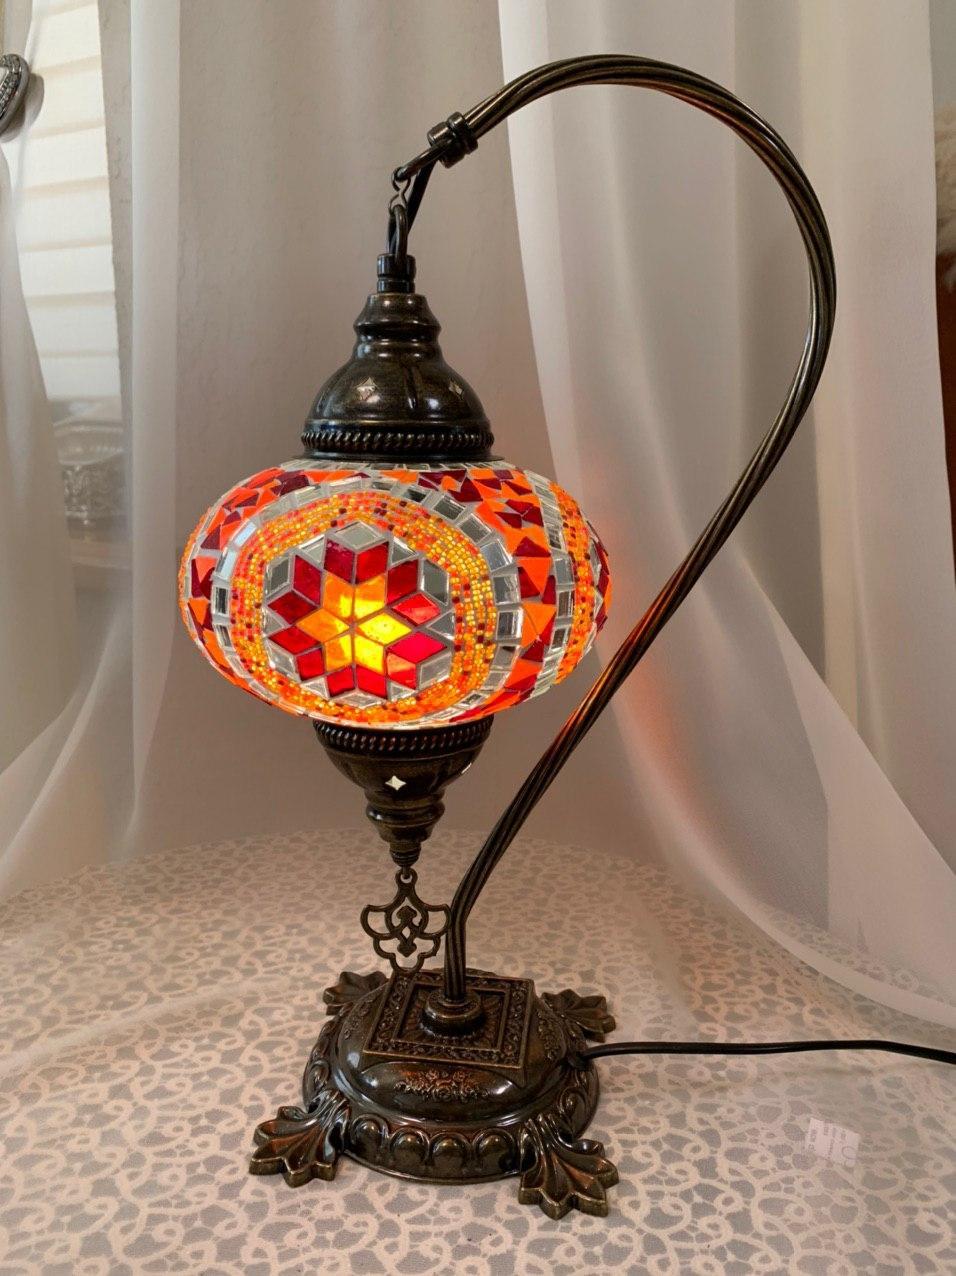 Настольный изогнутый турецкий светильник кэмэл  Sinan из мозаики ручной работы Цветной